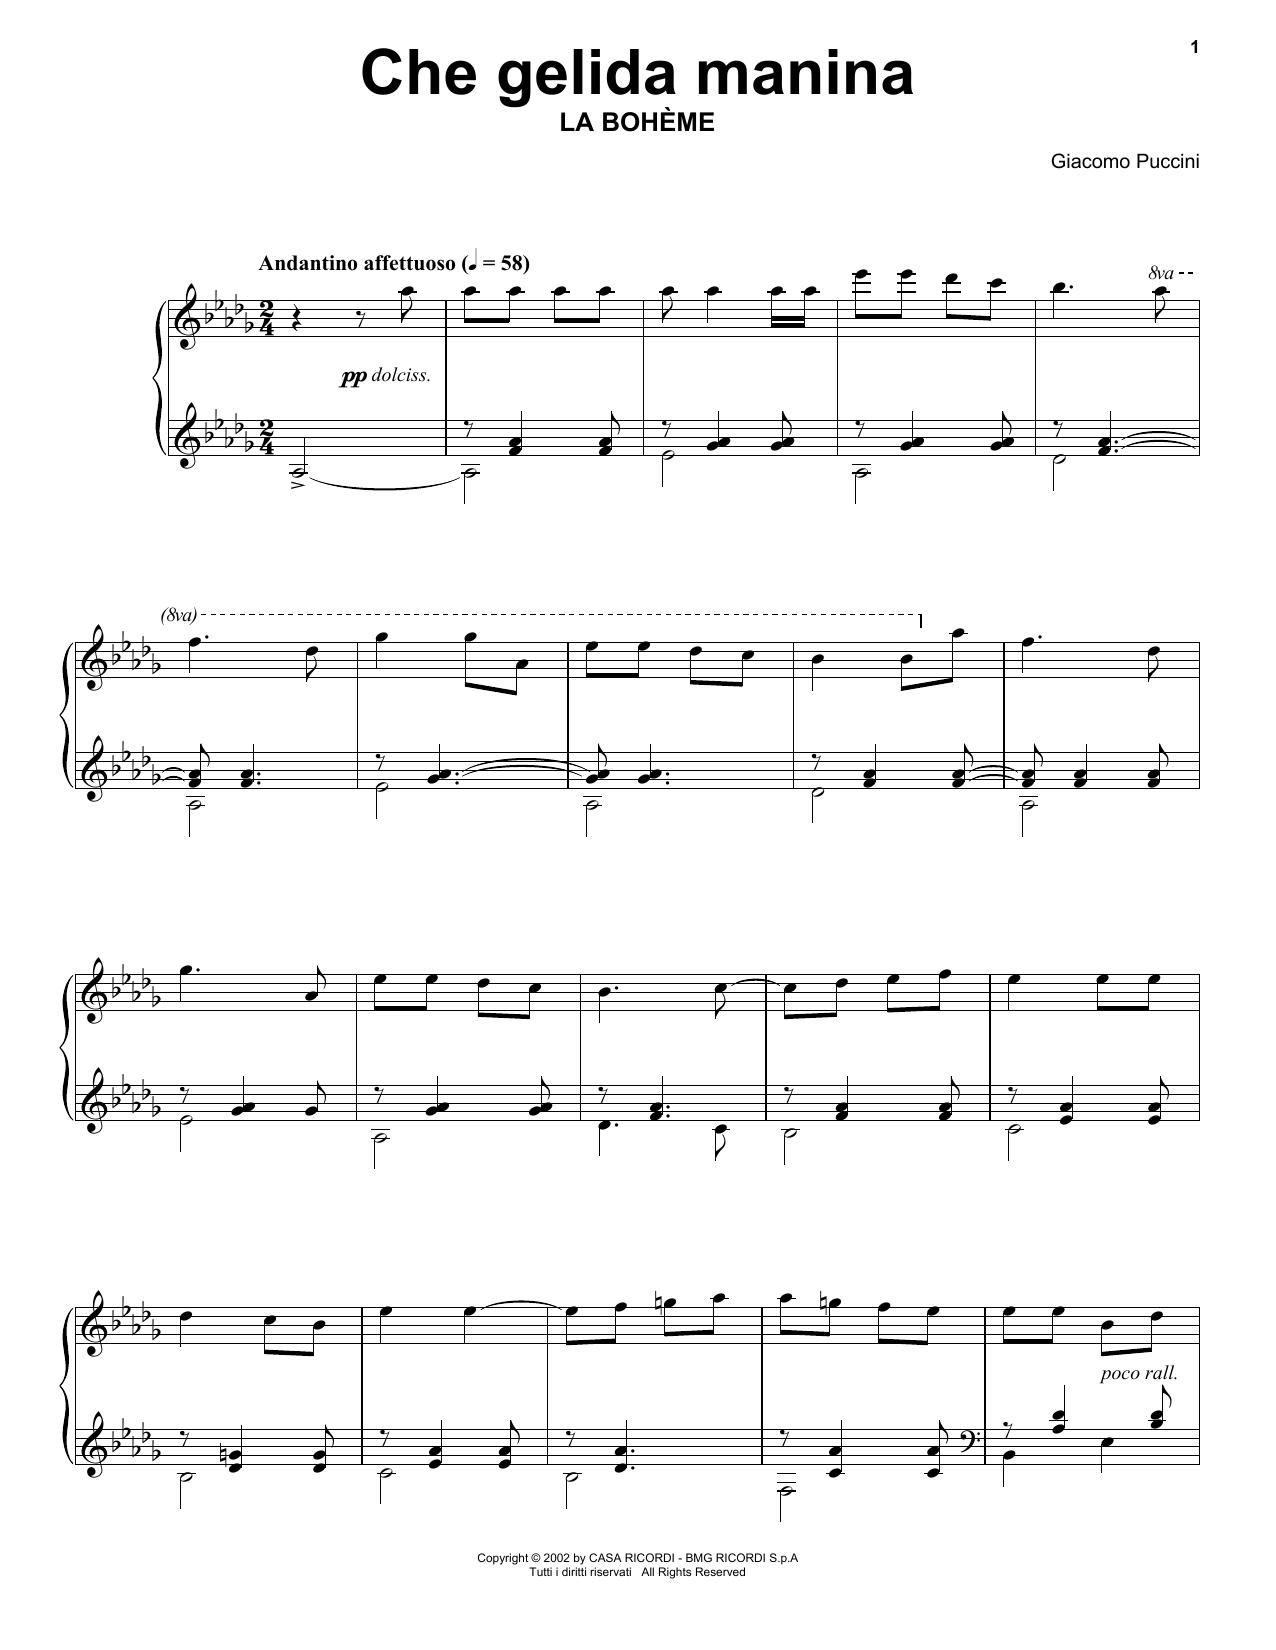 Partition piano Che gelida manina from La Bohème de Giacomo Puccini - Piano Solo